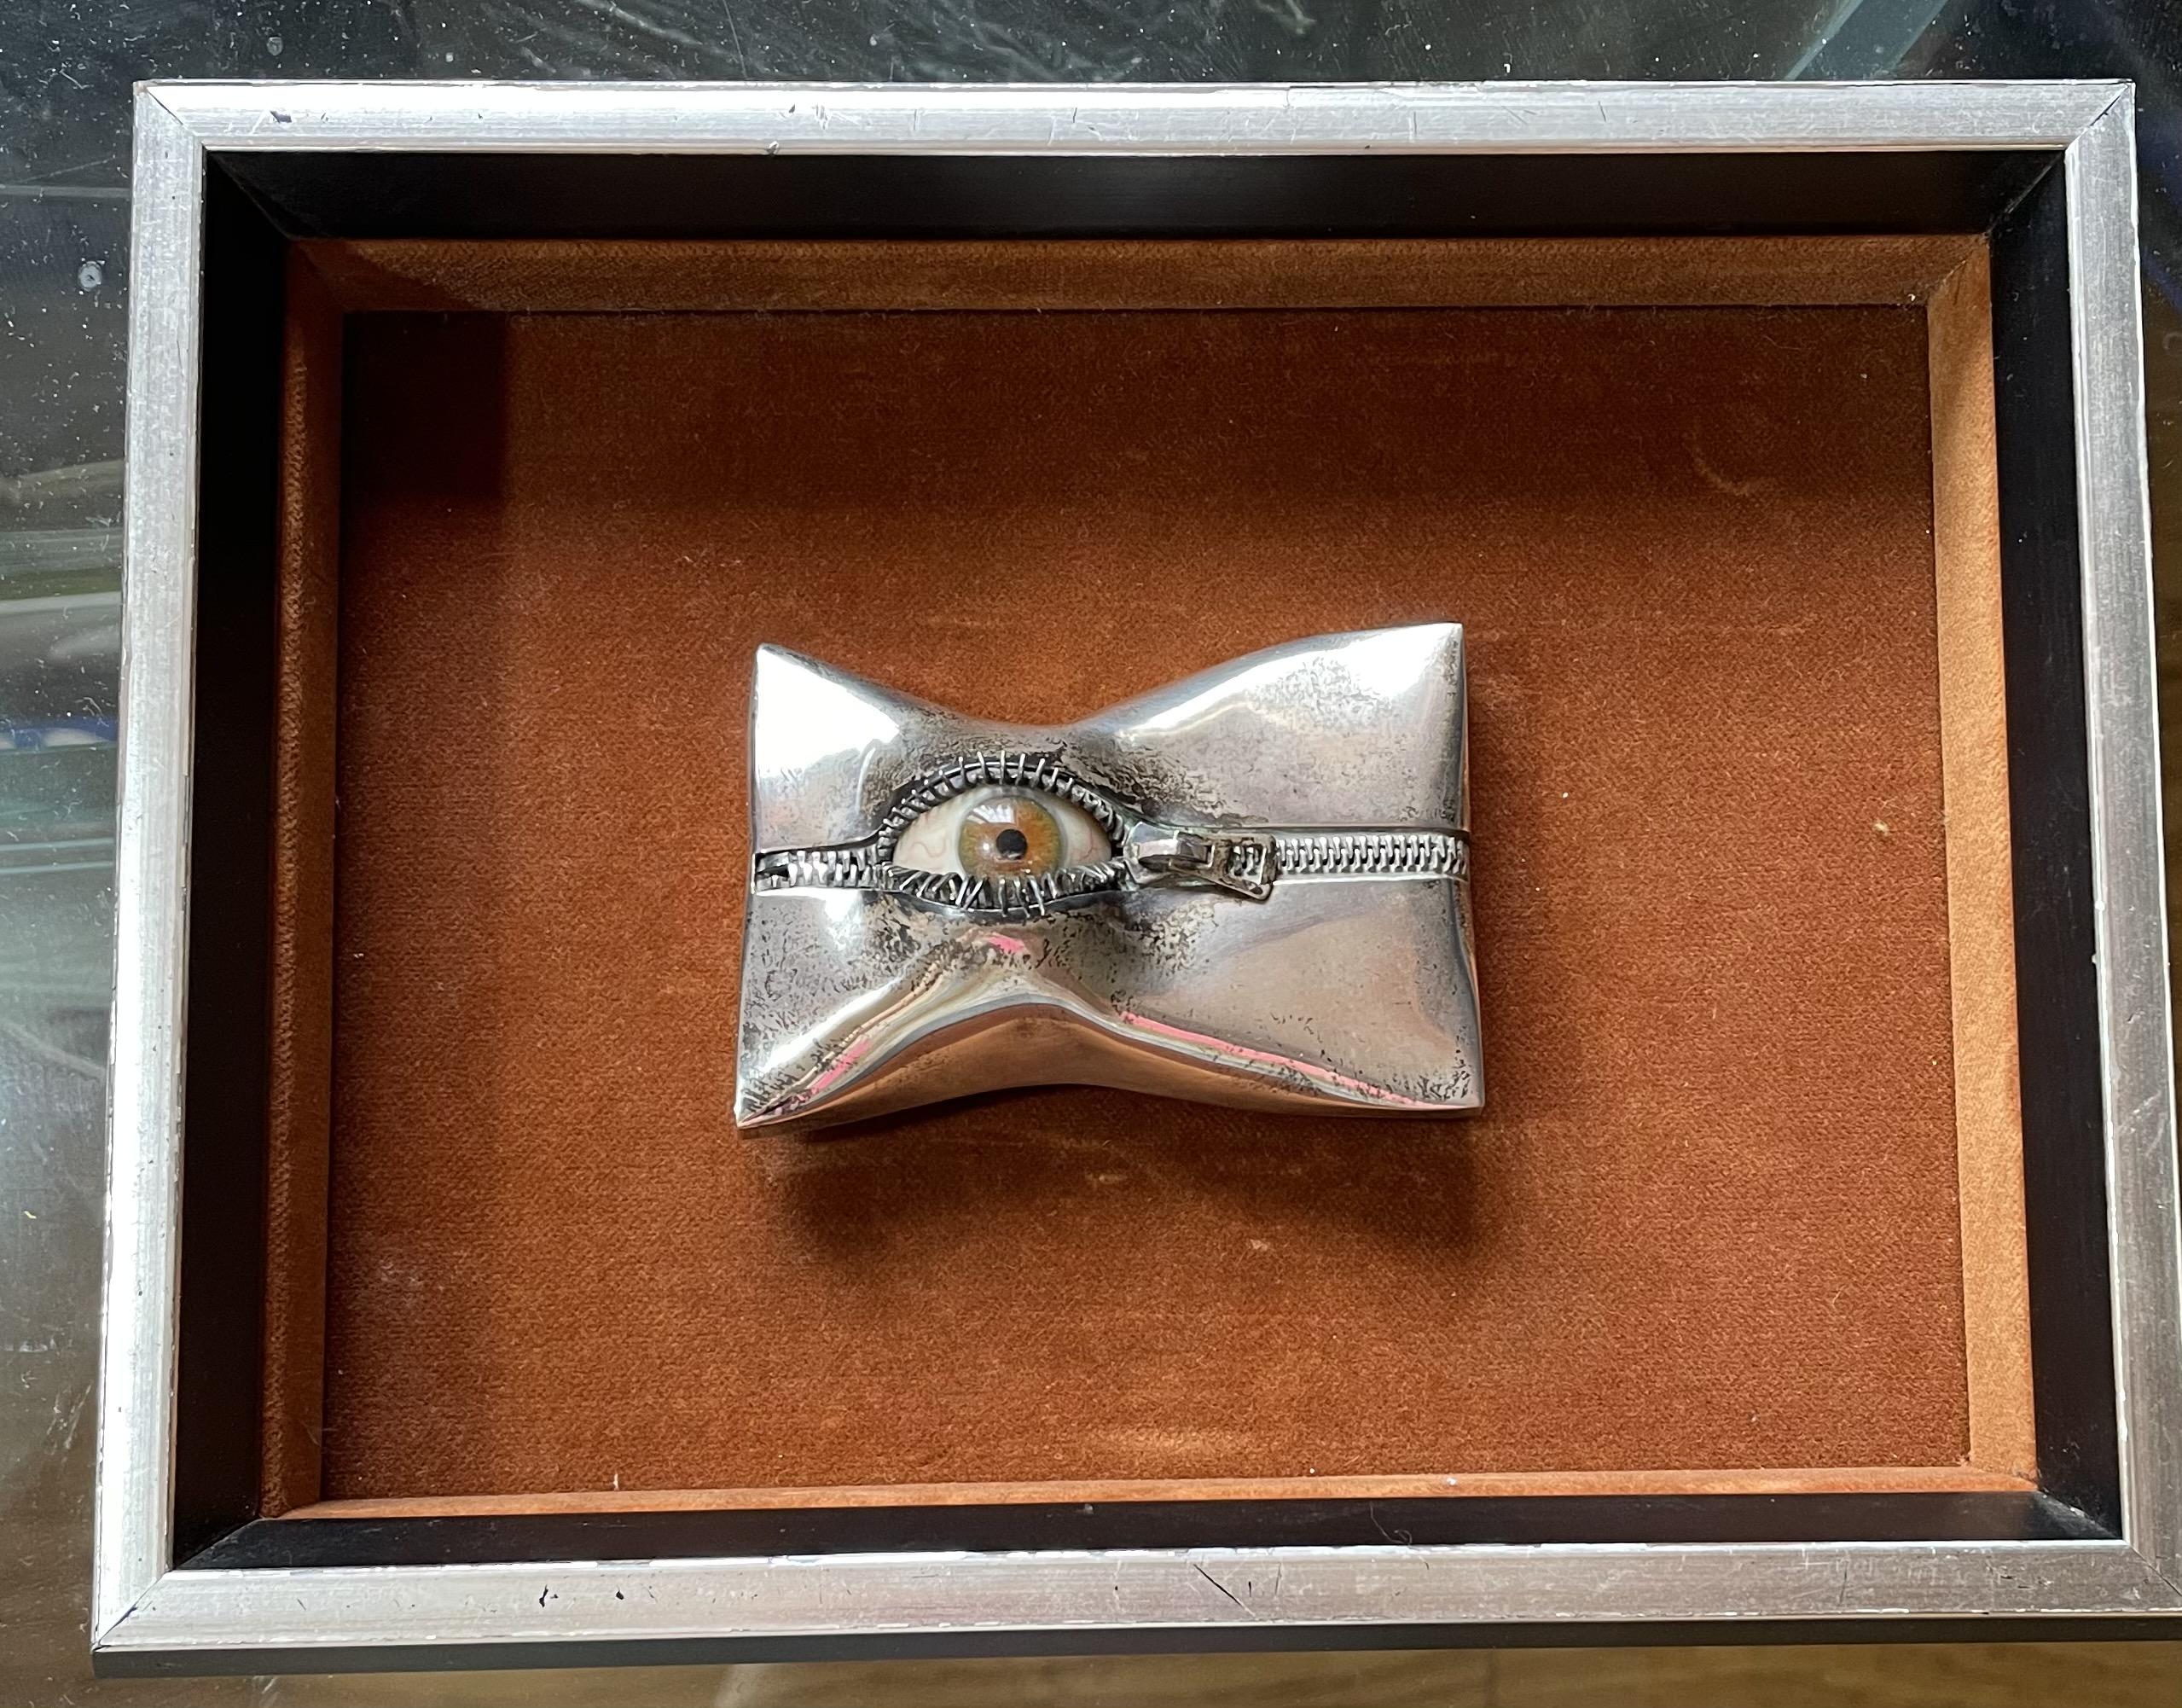 Karel Niehorster, broche in lijst, 1970. Collectie World Jewellery Museum. Foto World Jewellery Museum